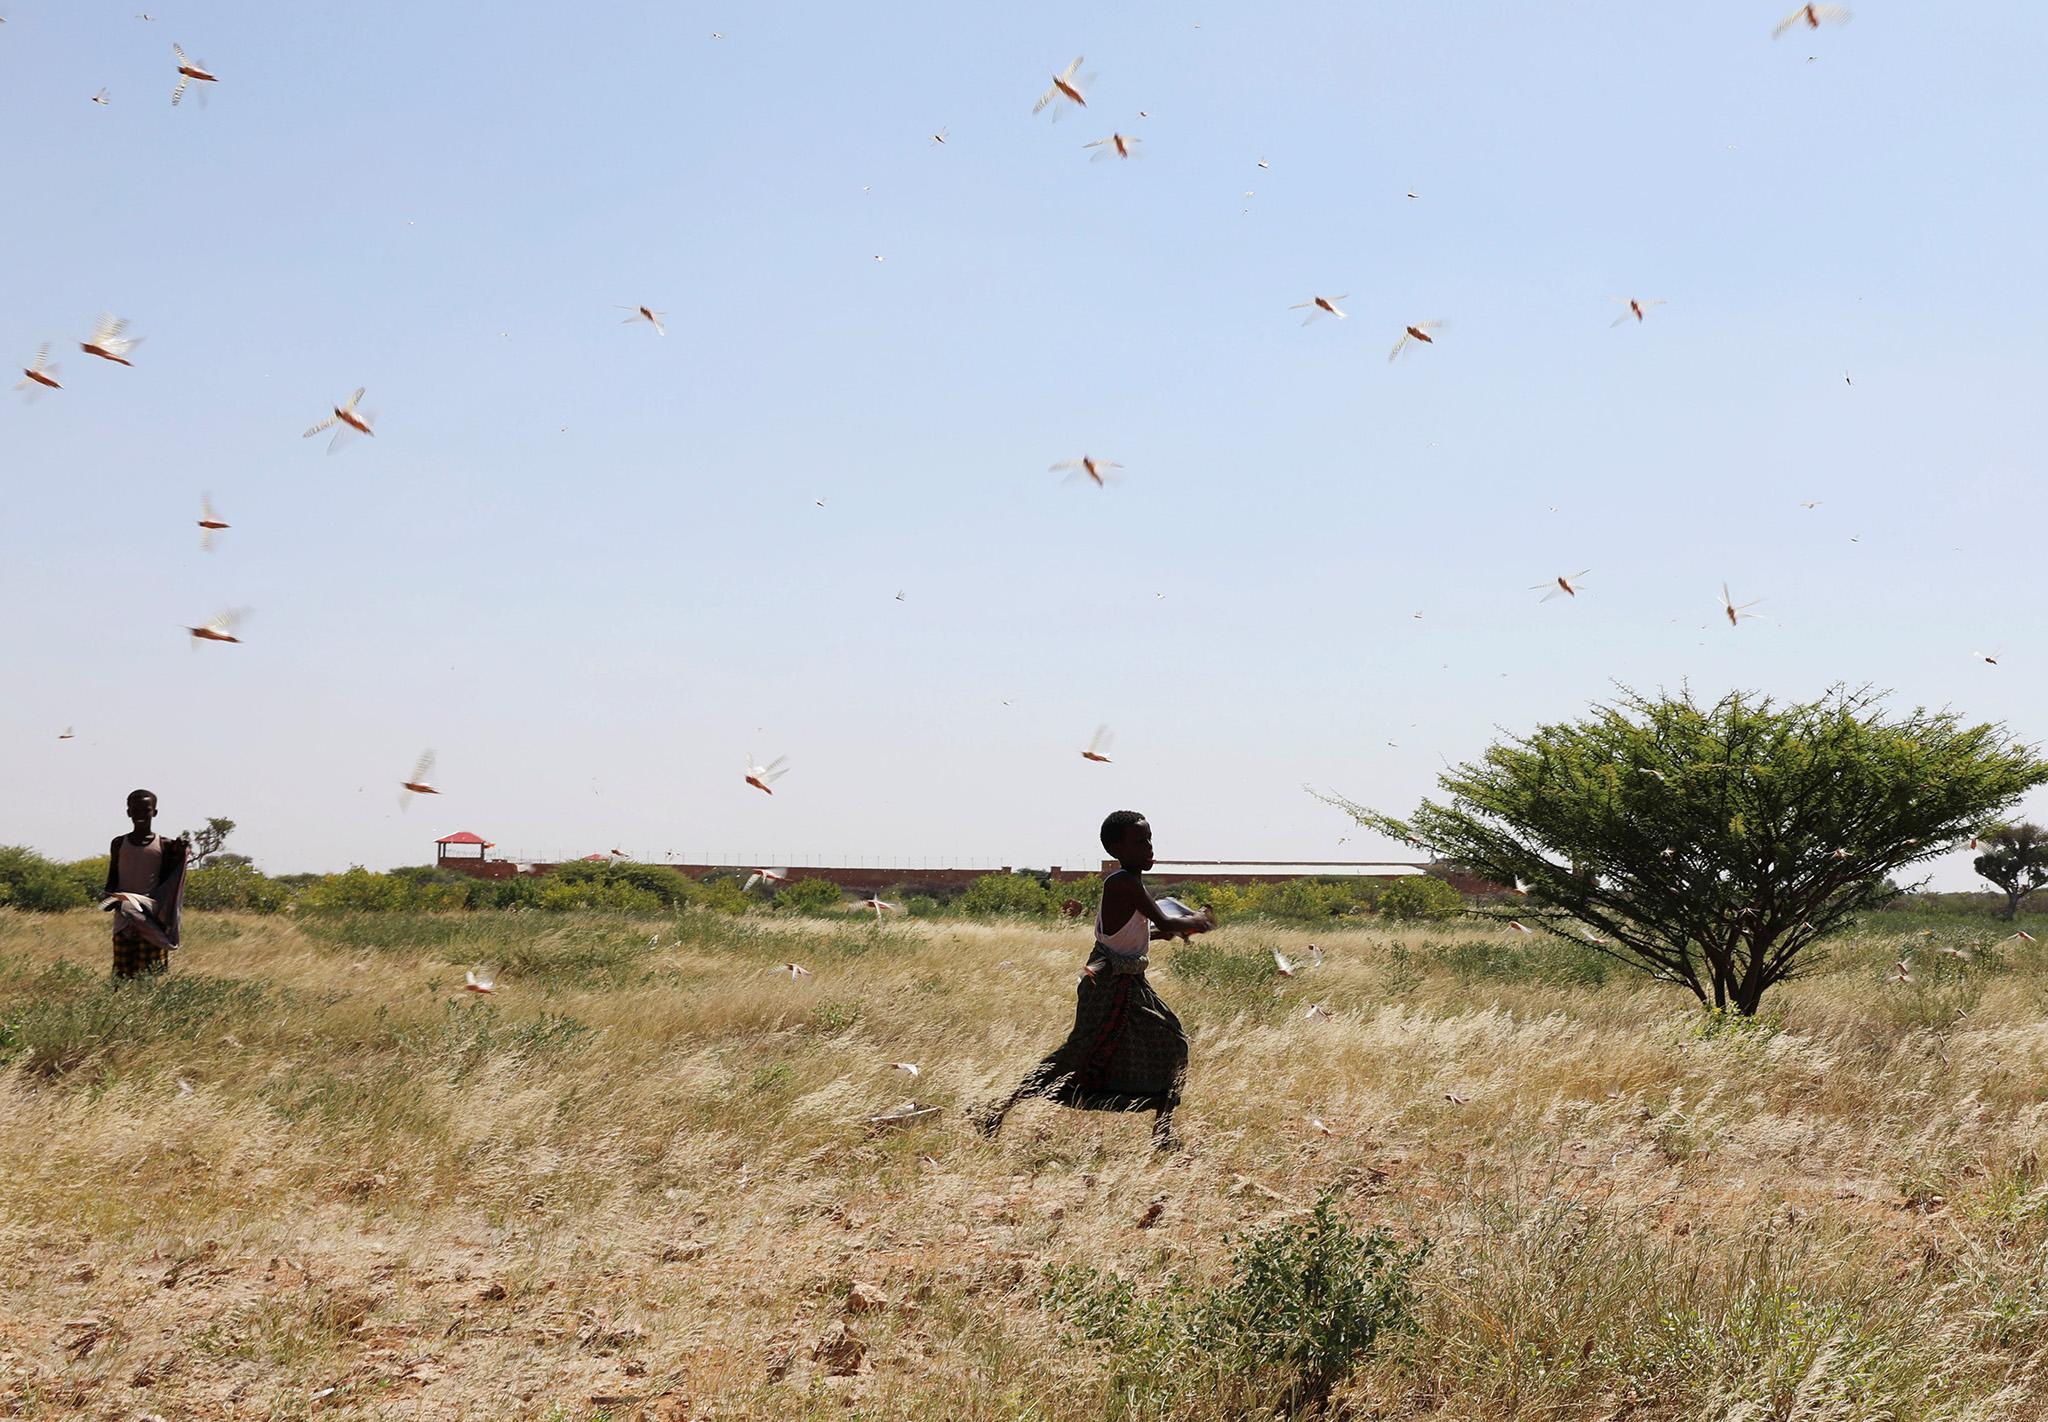 locust-invasion-somalia-5-0.jpg